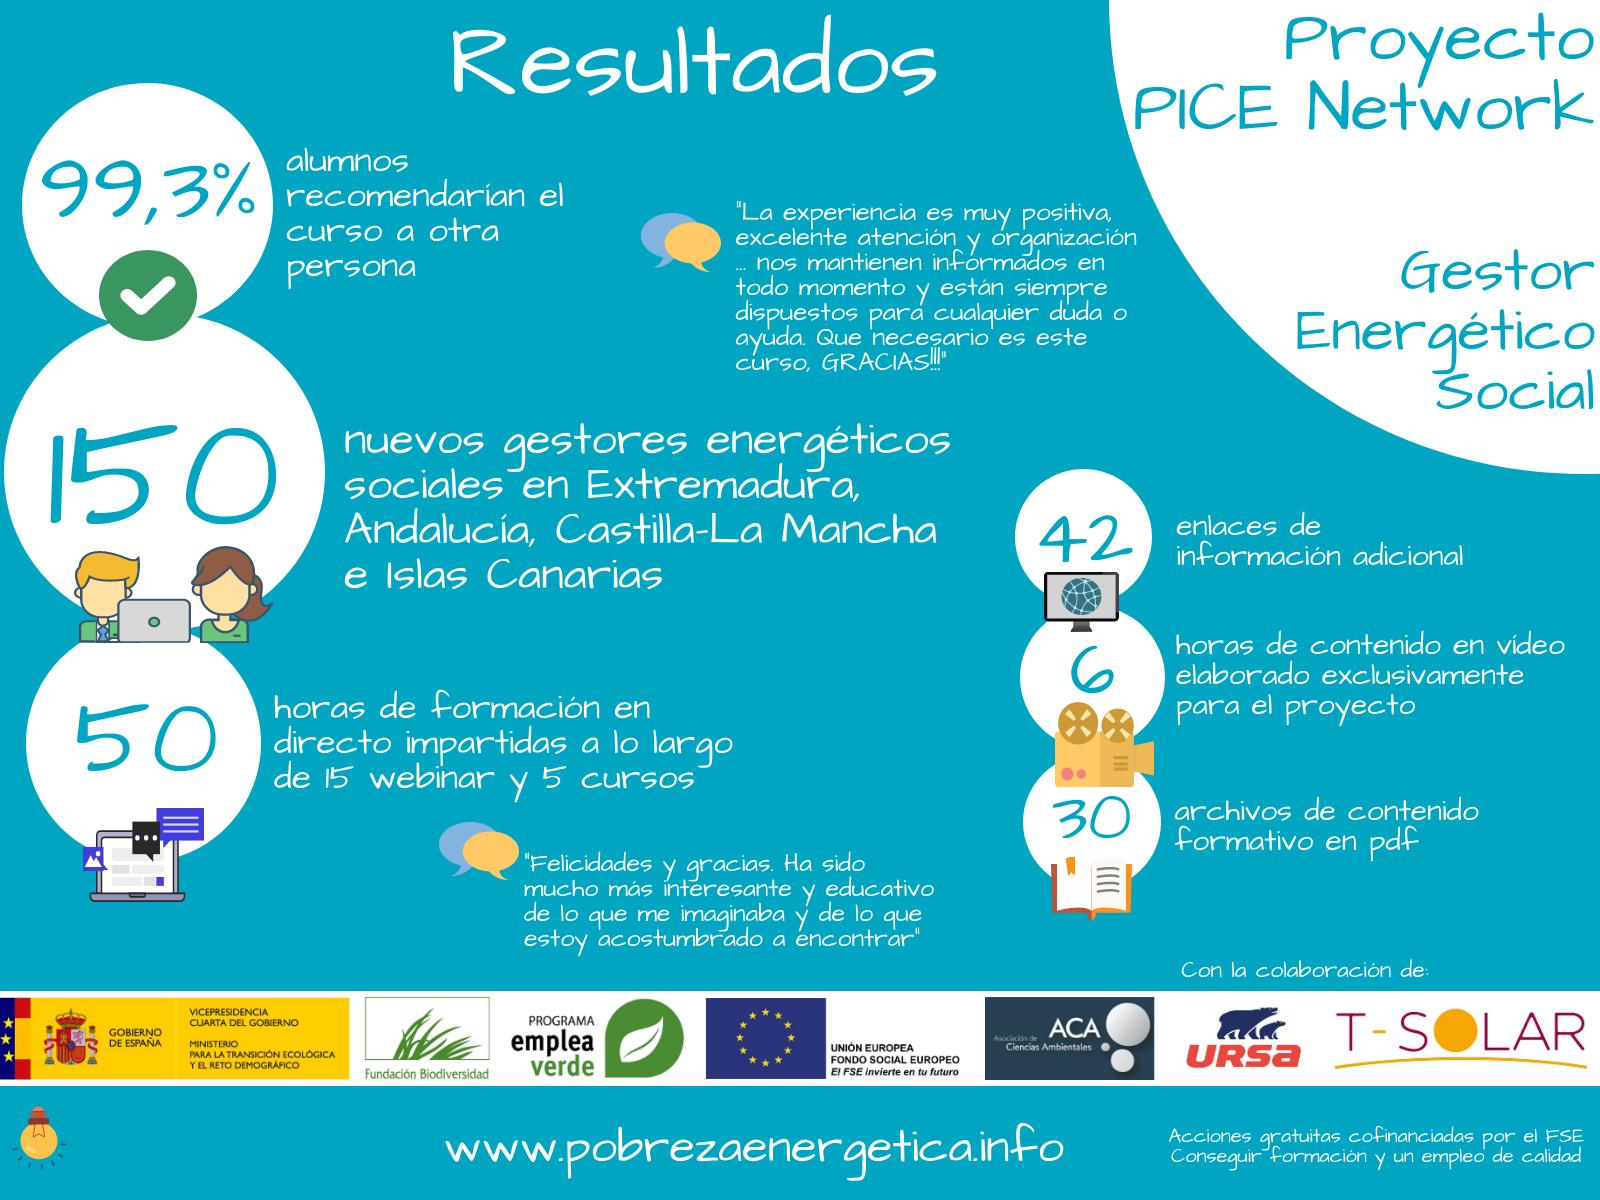 ACA finaliza el Proyecto PICE Network formando a 150 Gestores Energéticos Sociales